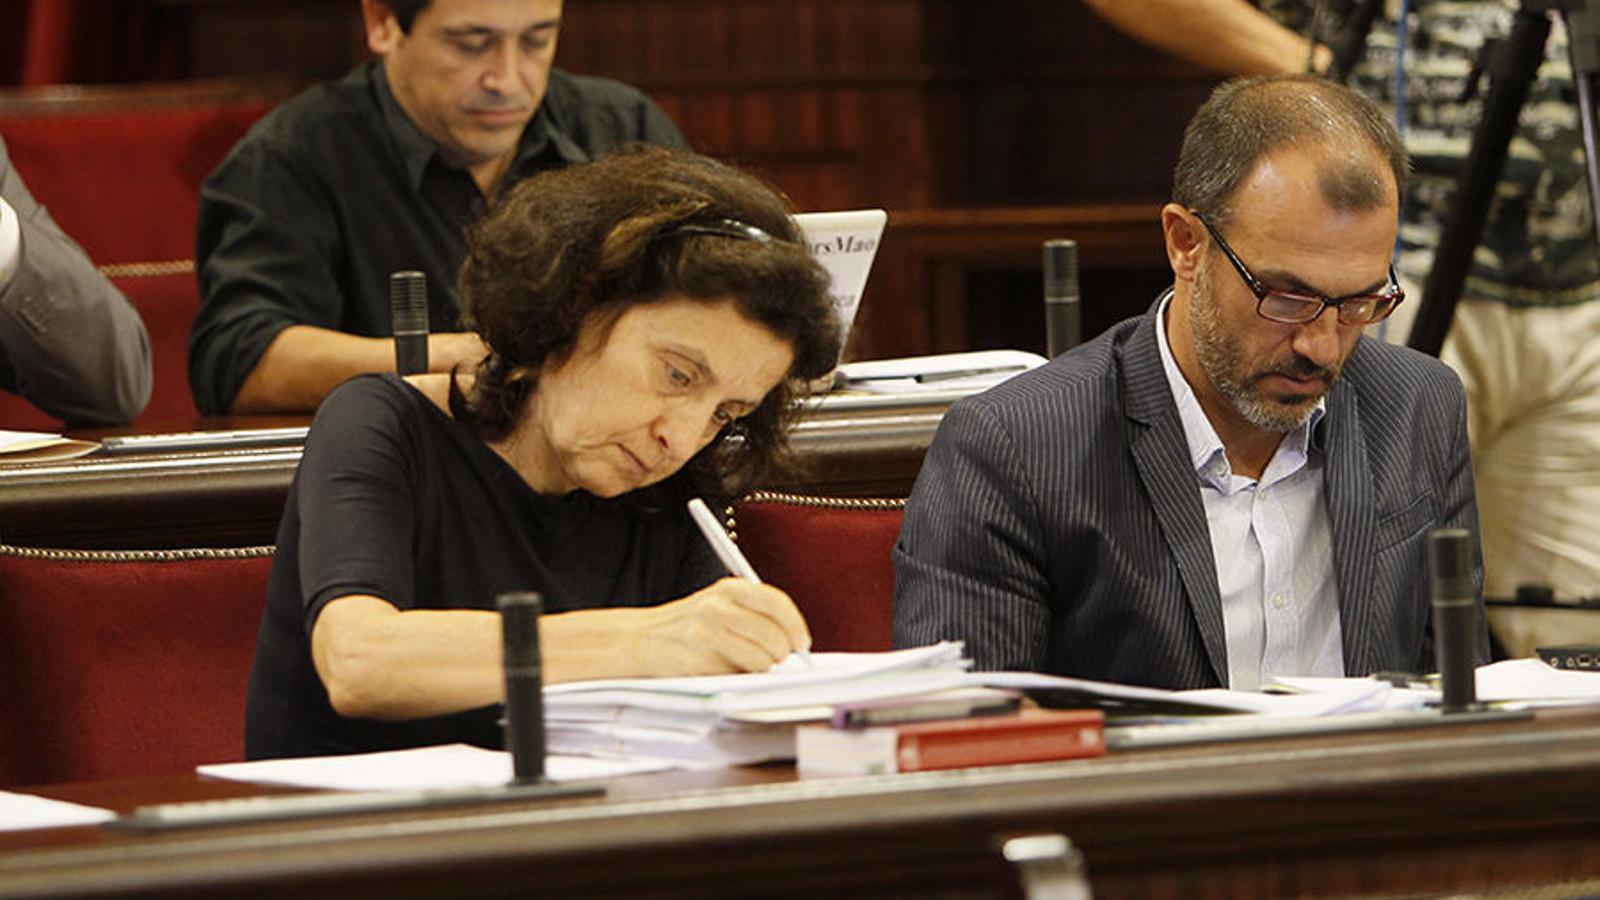 La consellera de Serveis Socials i Cooperació, Fina Santiago. / ARA BALEARS